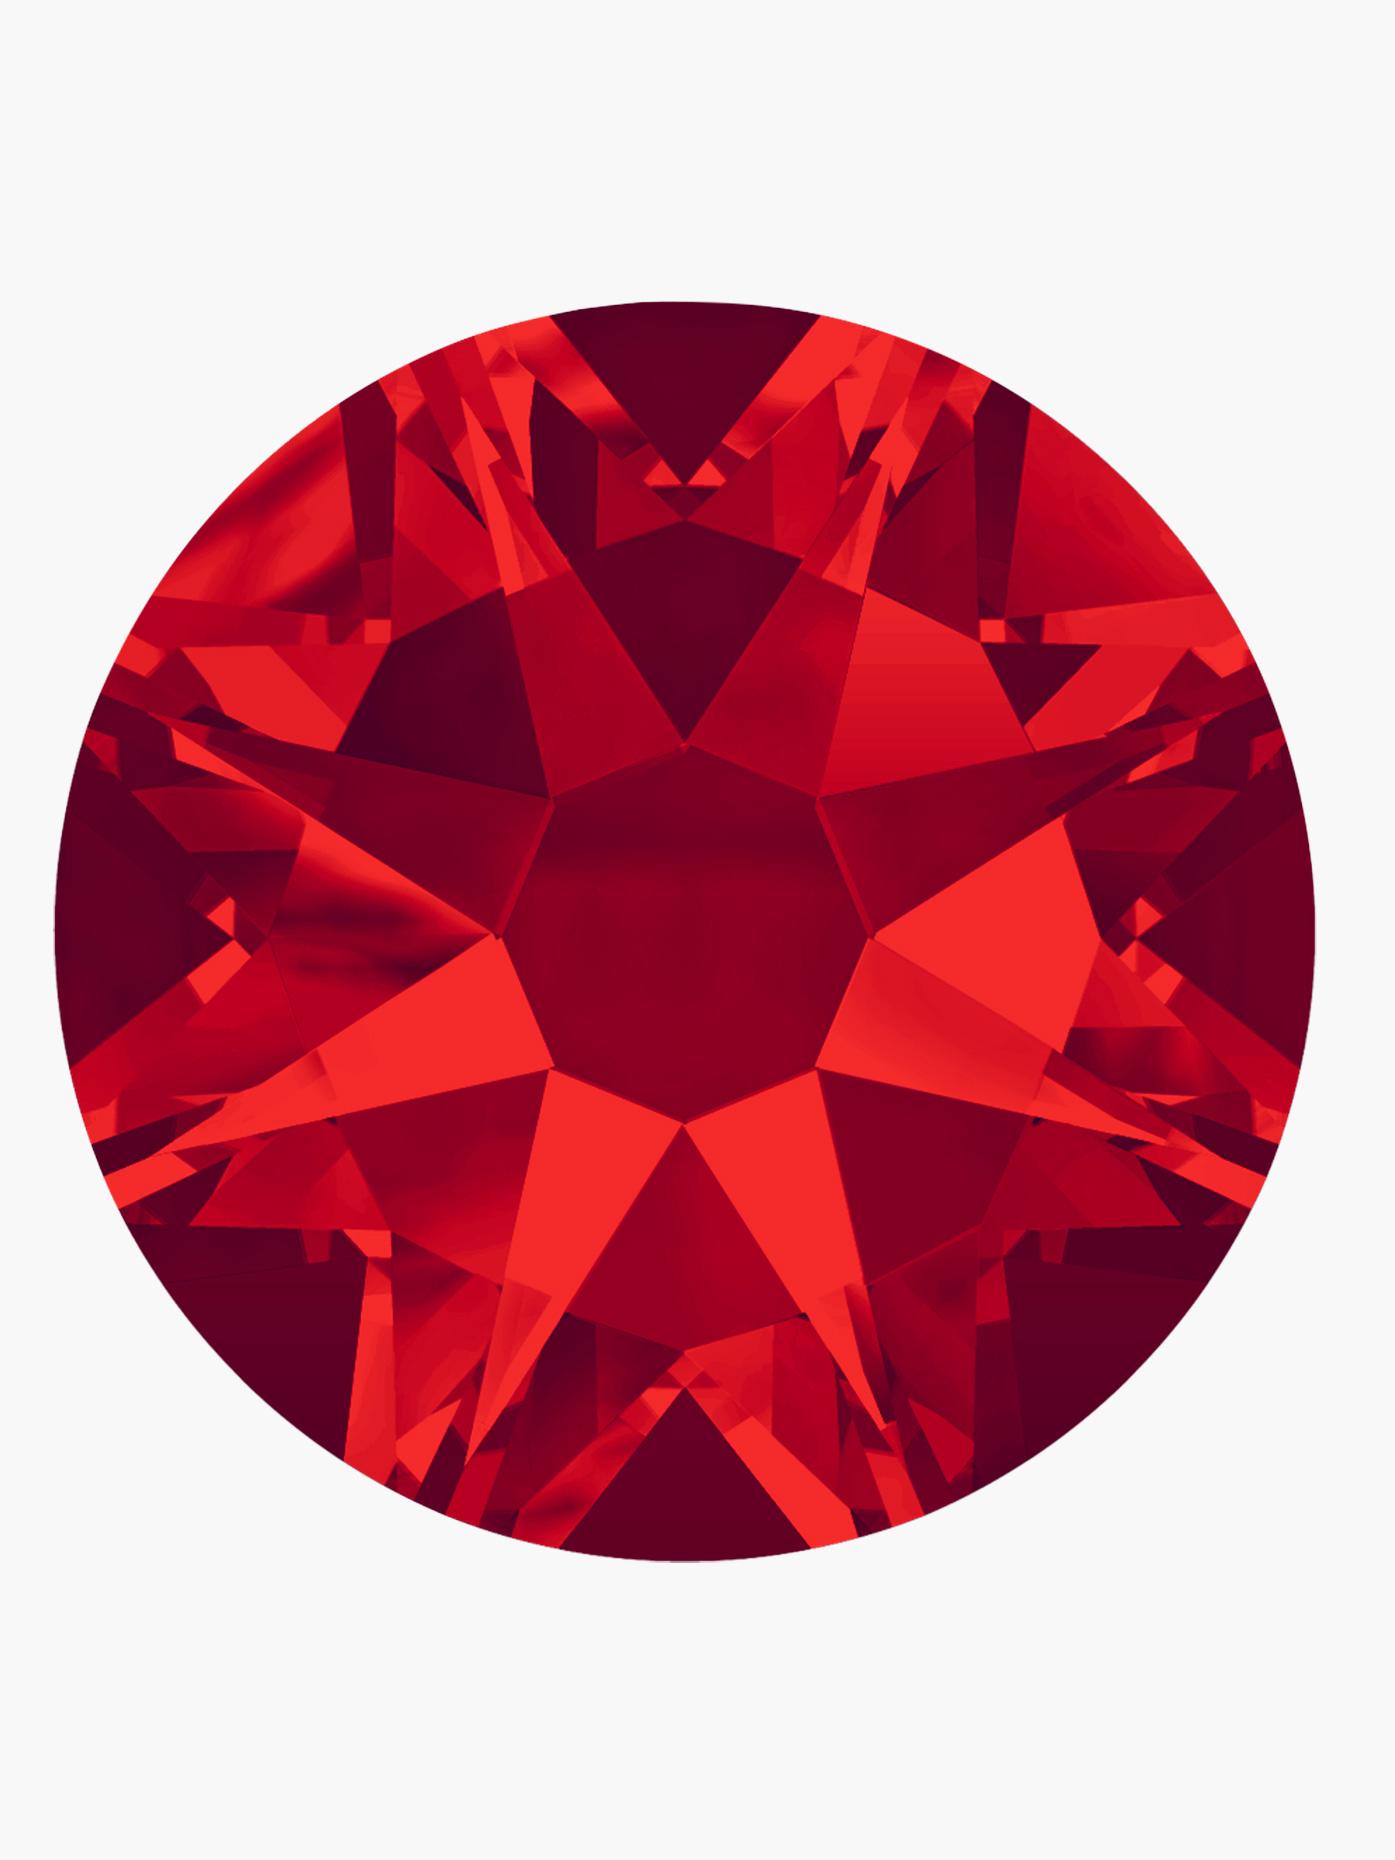 ru065_7.jpg main zoom image